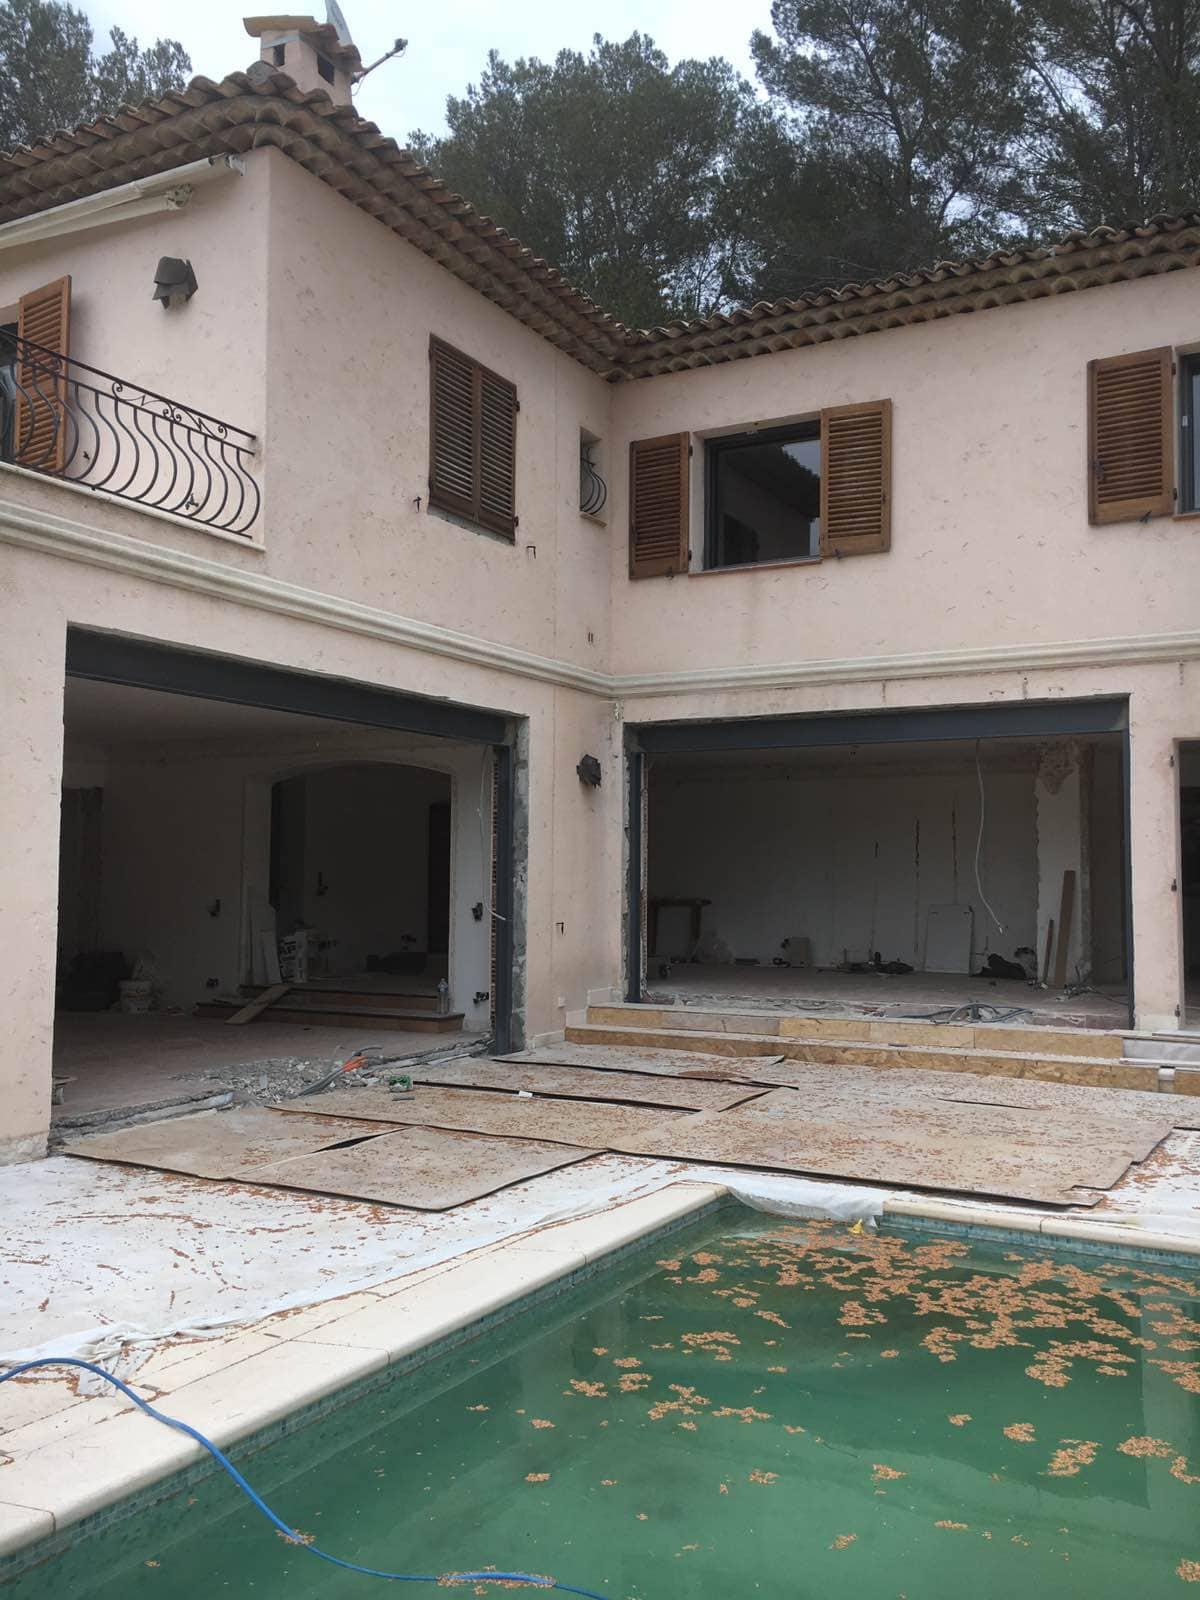 Murs porteurs - Agrandissement des baies vitrées dans les murs porteurs de la villa à Saint-Jean Cap Ferrat. 1